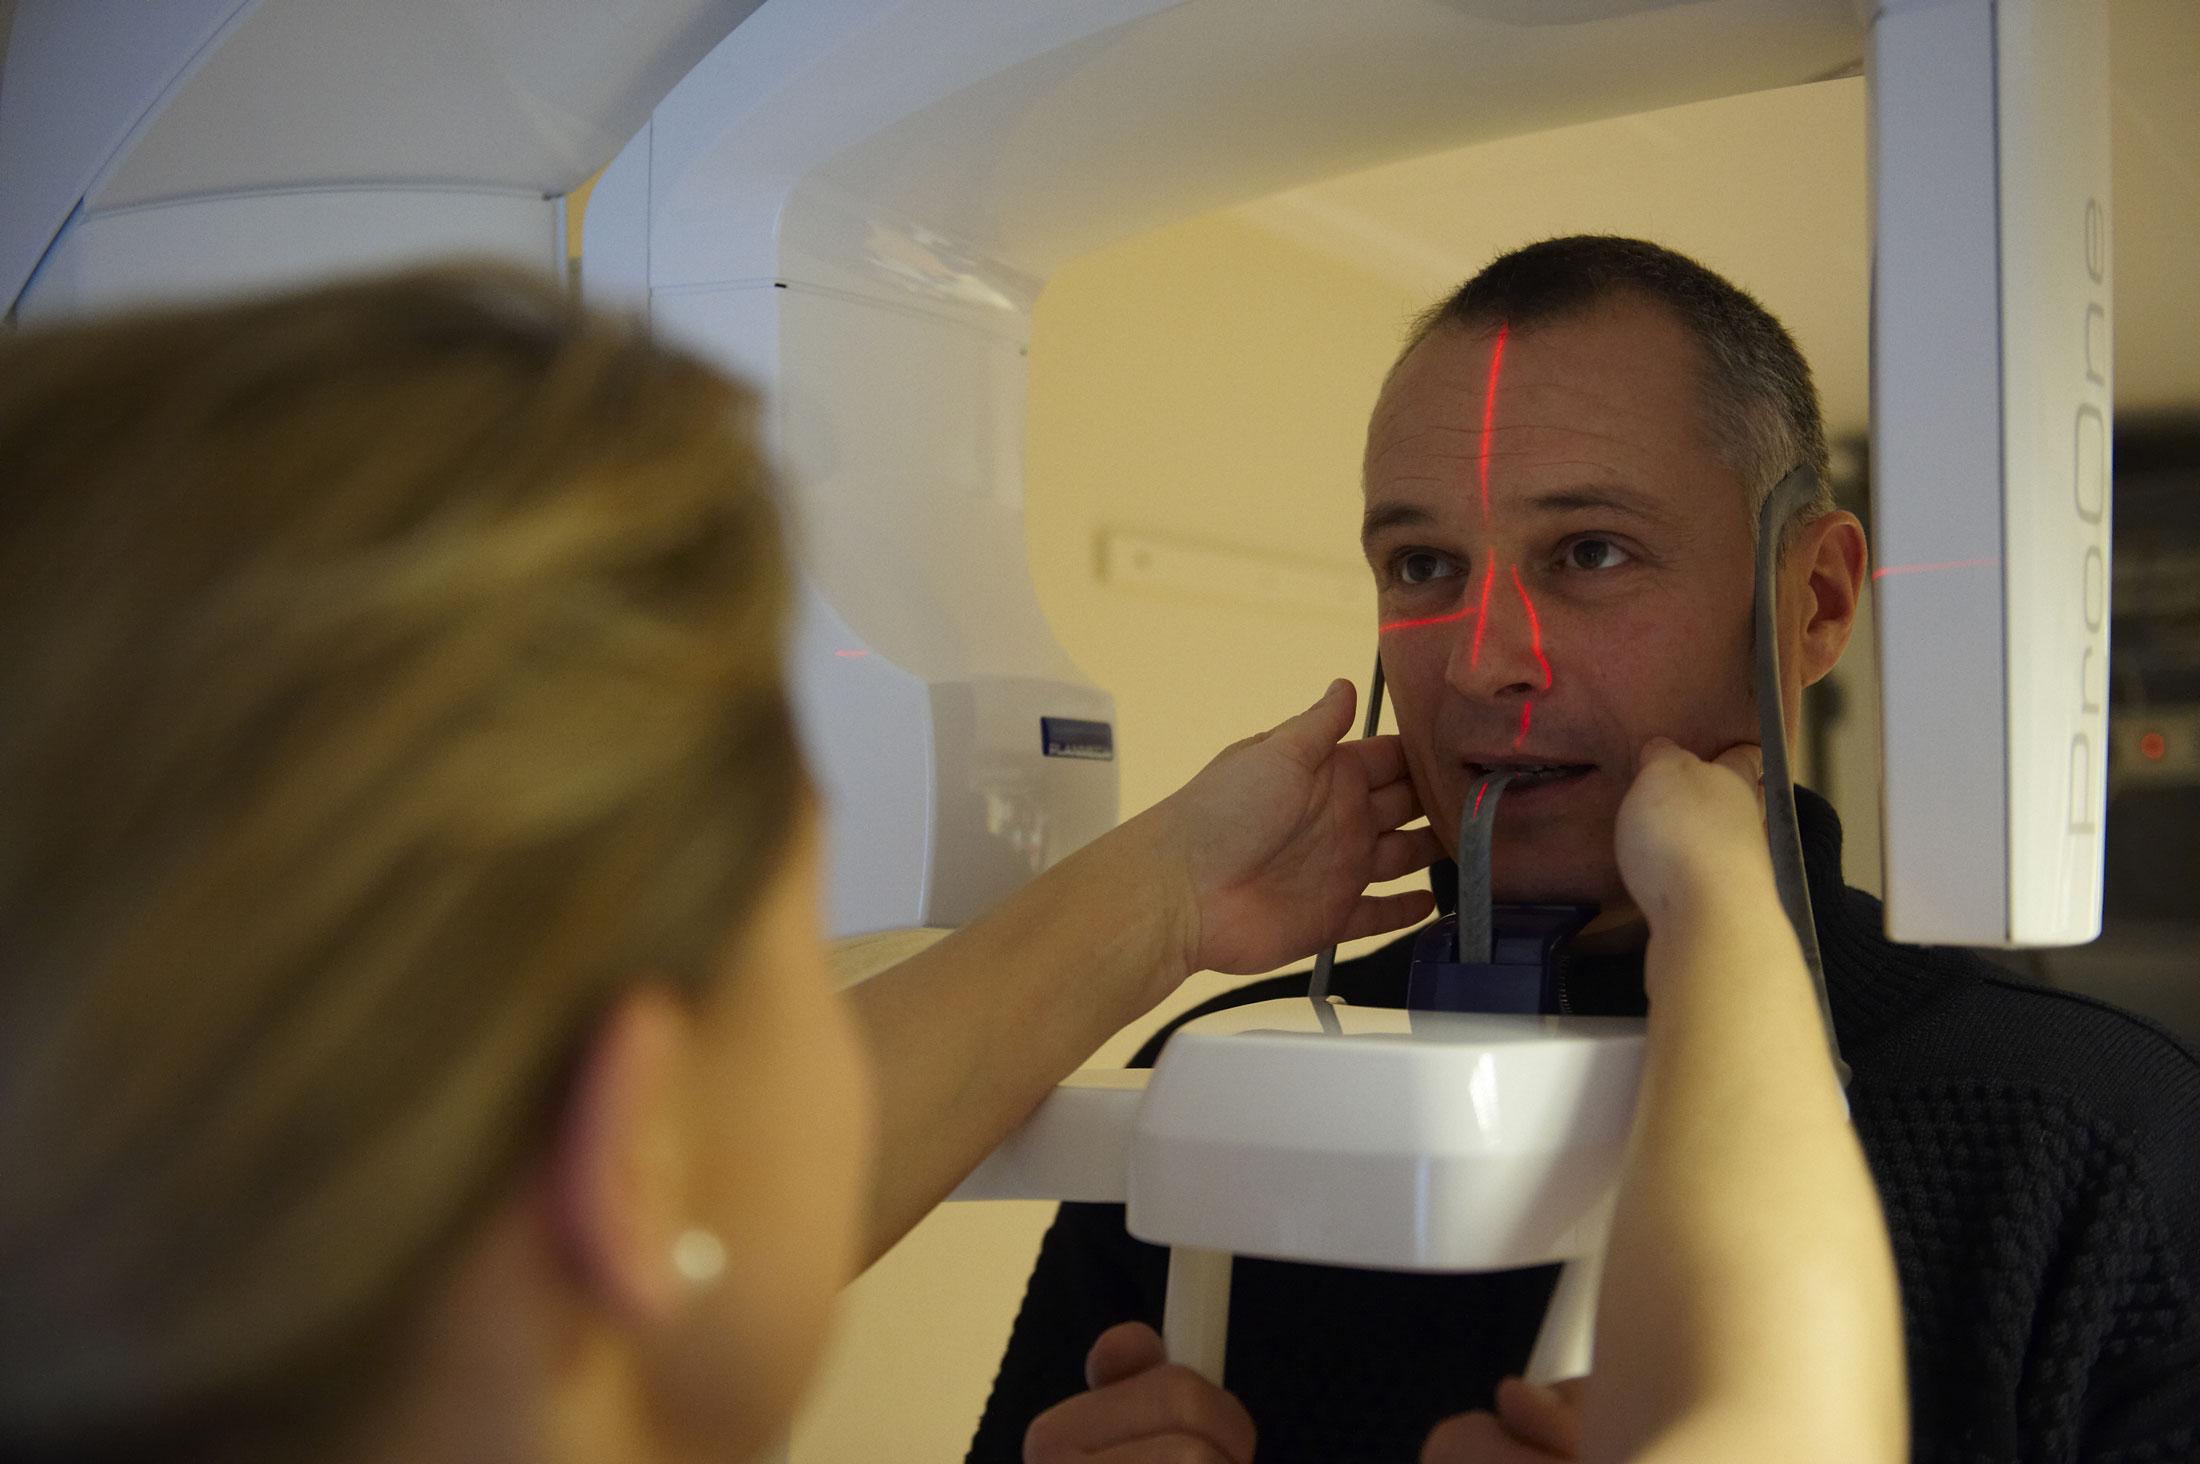 anatomiske implantater før og efter billeder escort 24